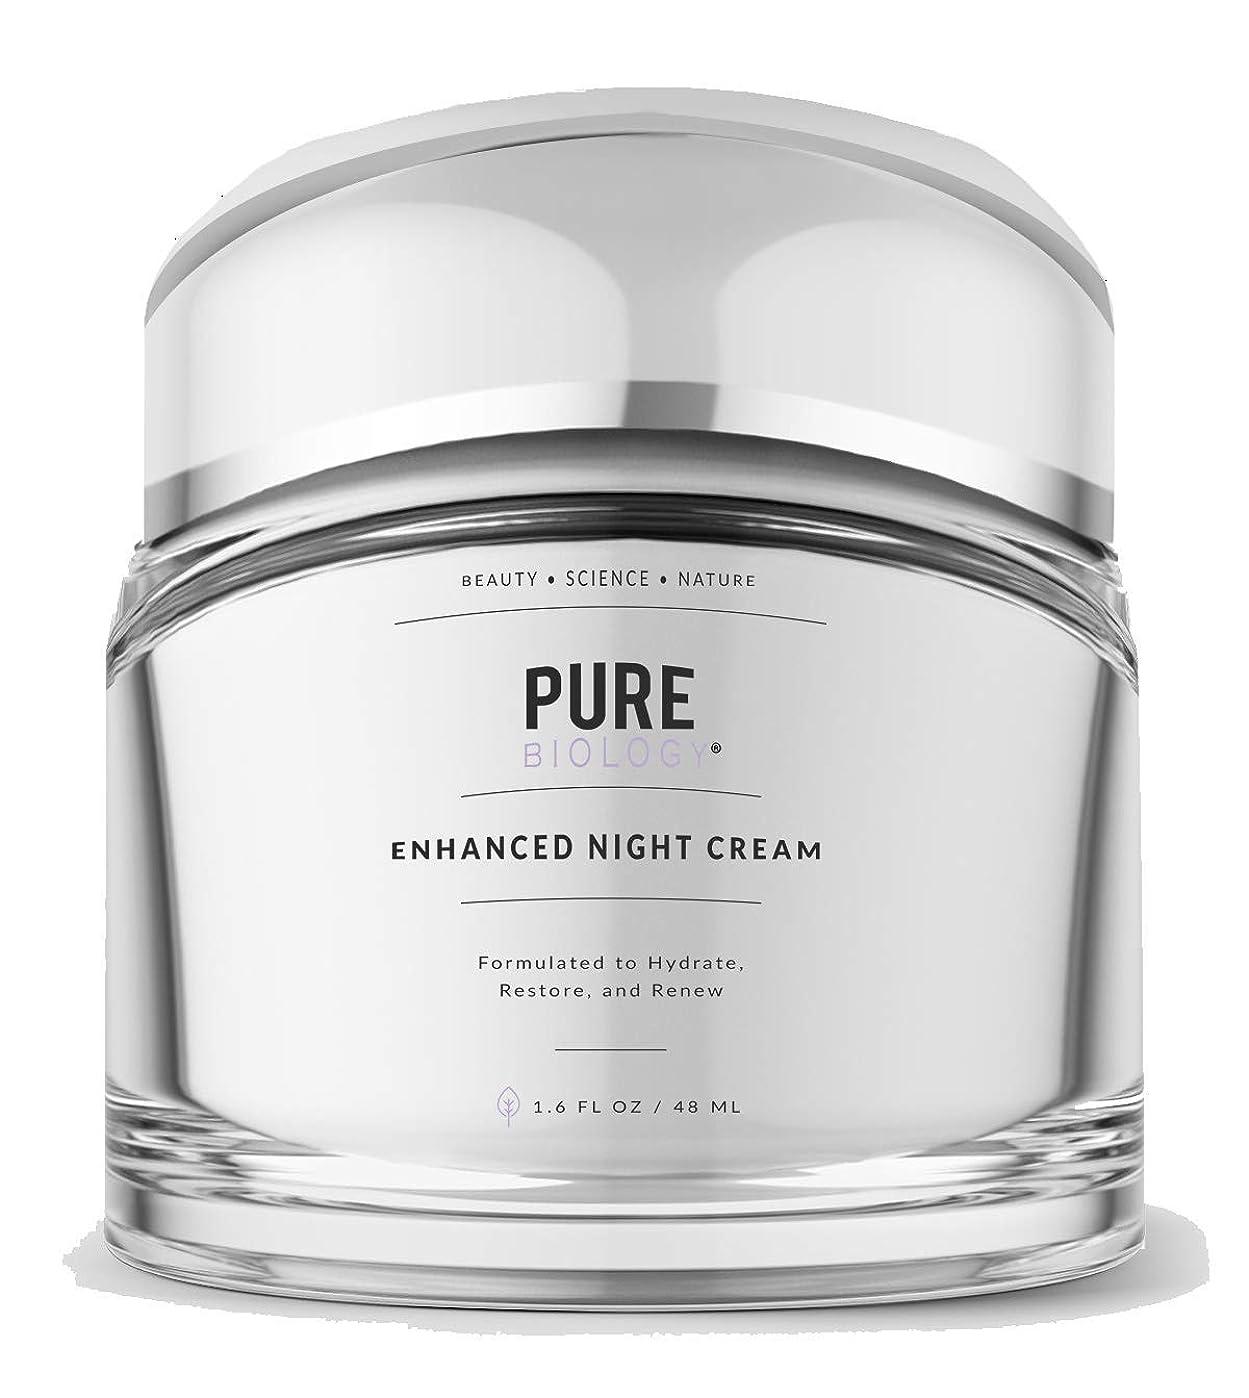 認識あえて貢献する[Pure Biology] [フェイスモイスチャライザー Premium Night Cream Face Moisturizer – Eye, Face & Neck Skin Care] (並行輸入品)